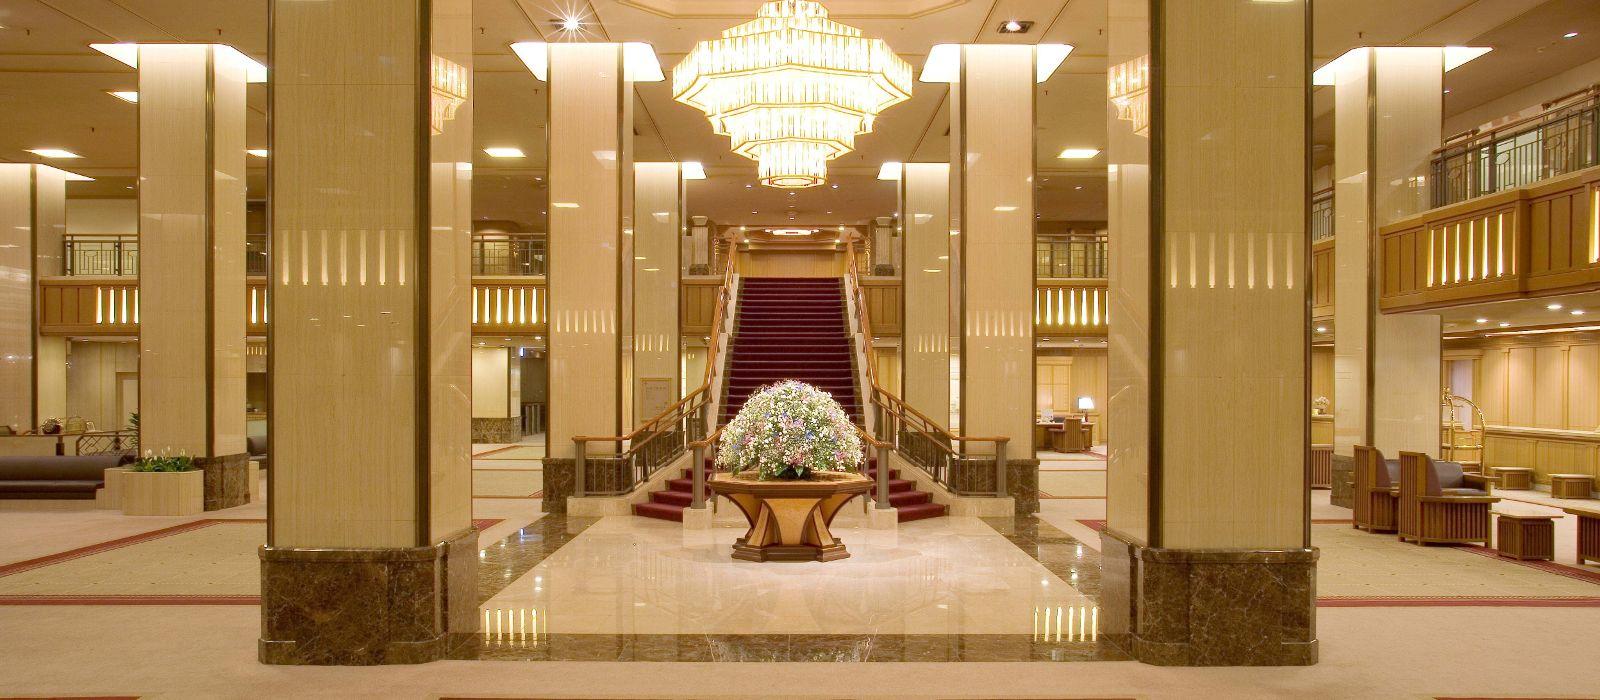 Hotel Imperial  Tokyo Japan